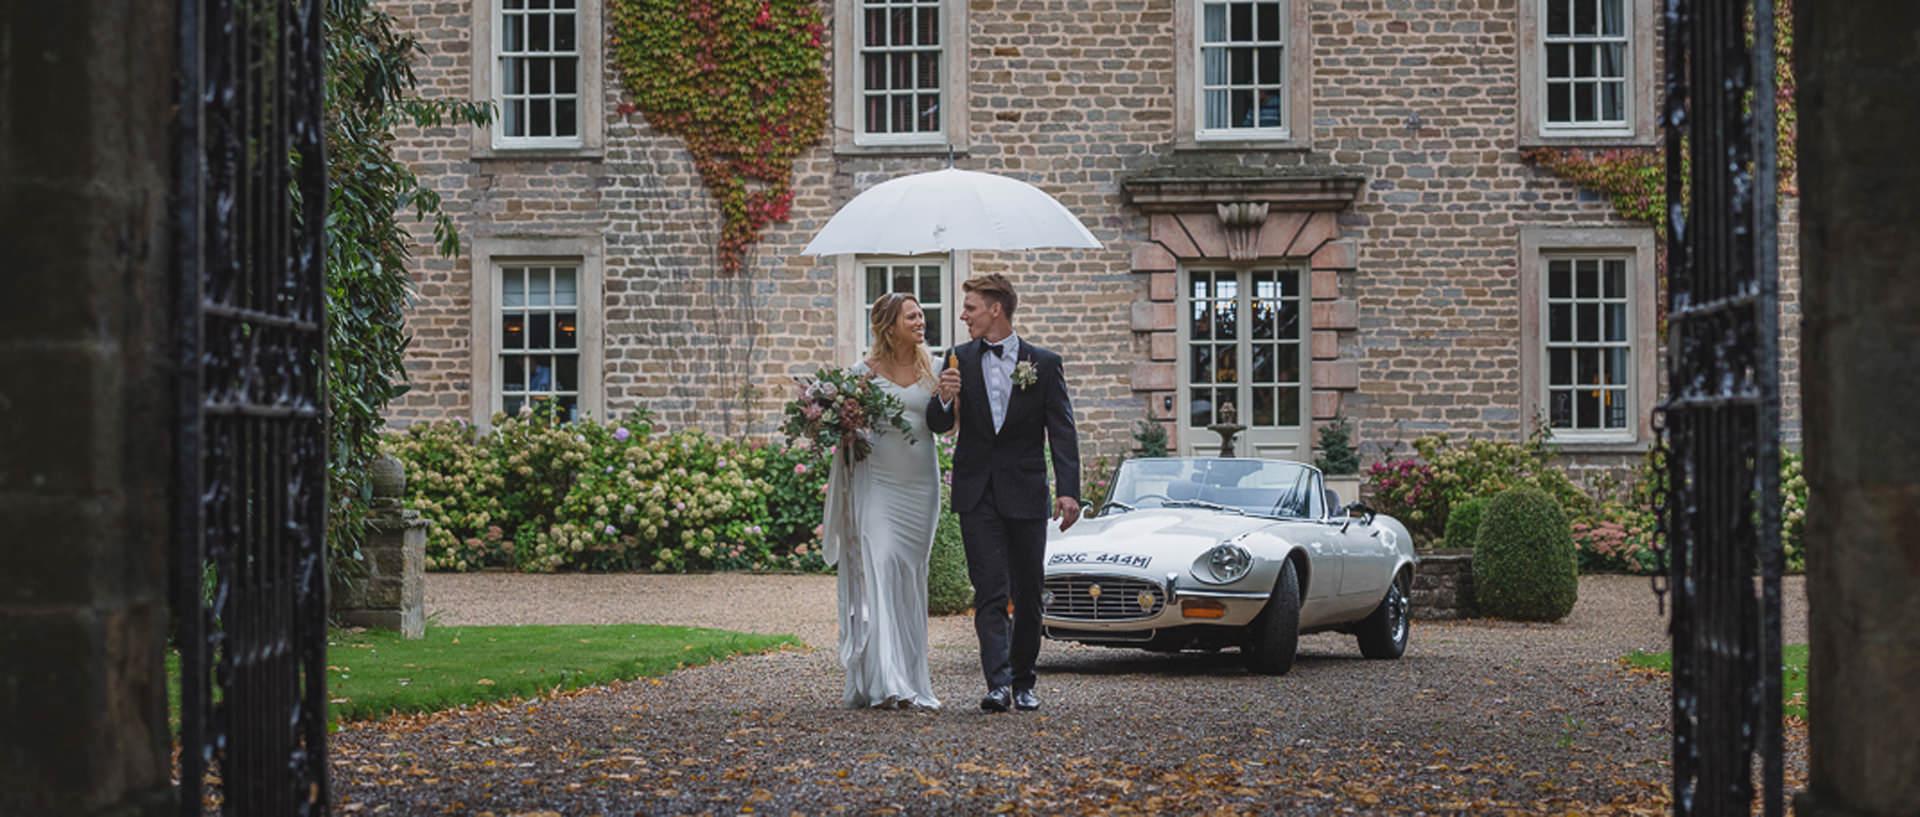 Top 5 Wedding Venues: Part 4 - Headlam Hall